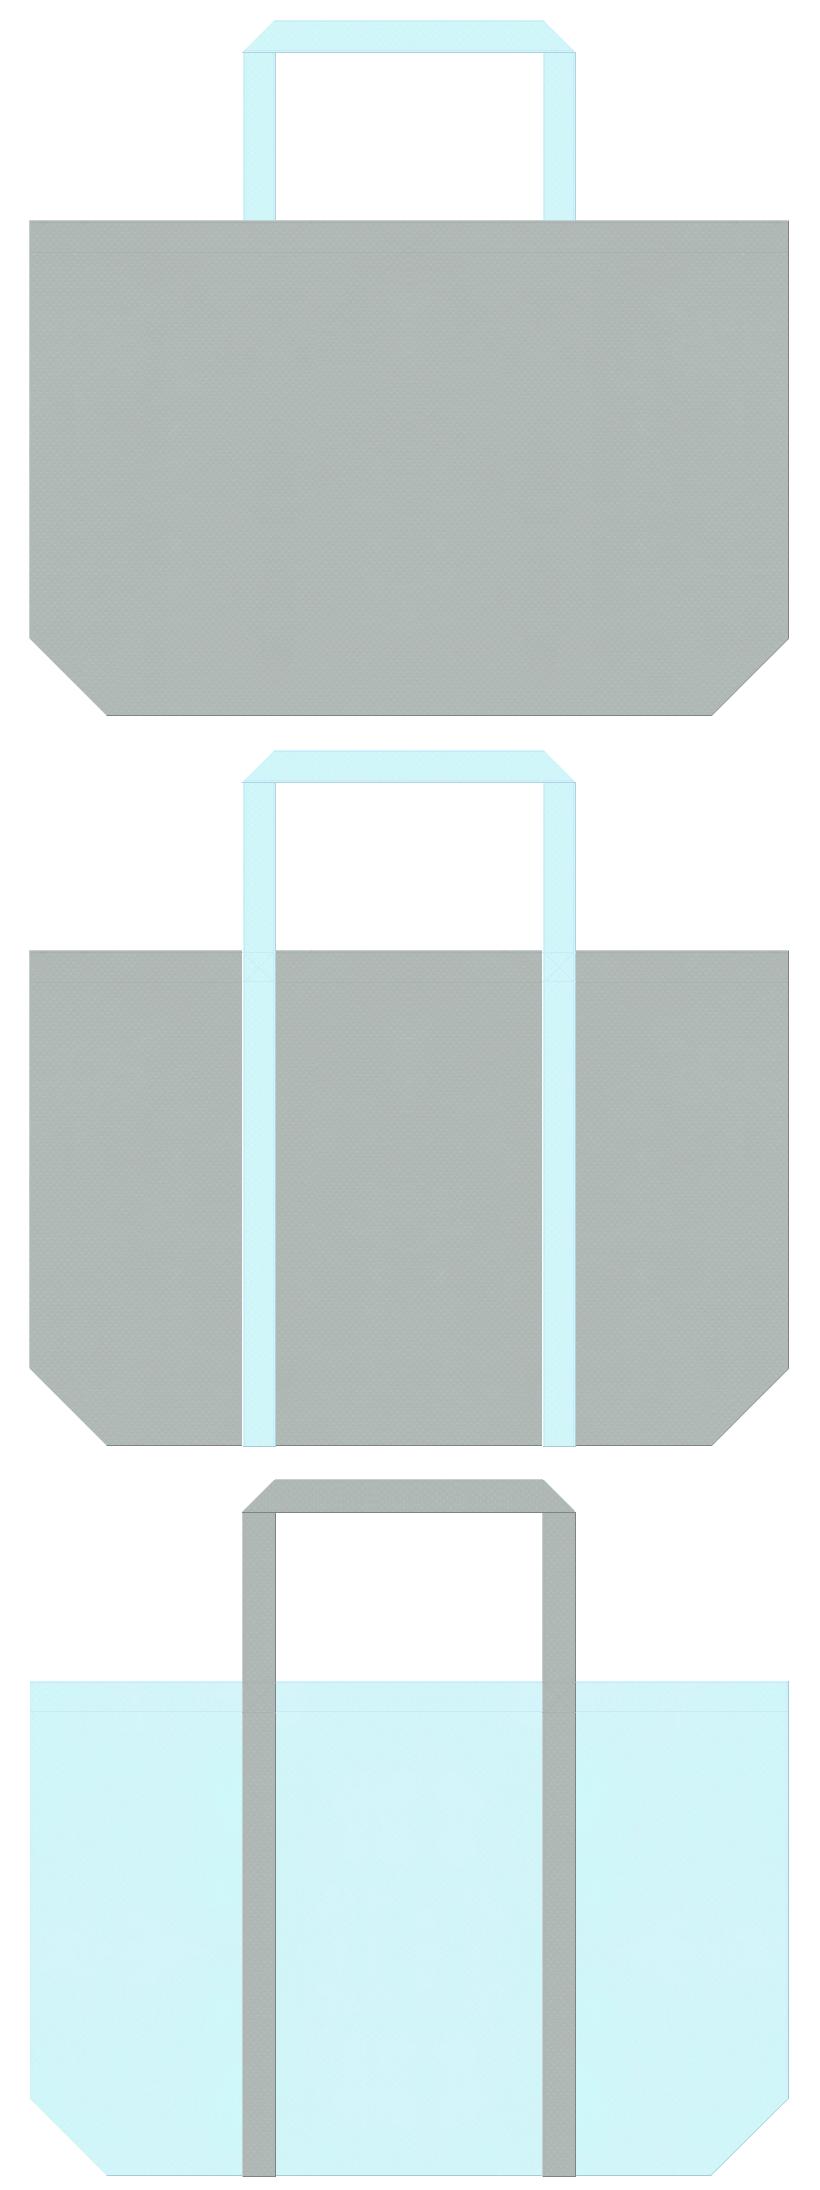 グレー色と水色の不織布エコバッグのデザイン。衣類乾燥機・クリーニング機材・水道設備の展示会用バッグにお奨めの配色です。